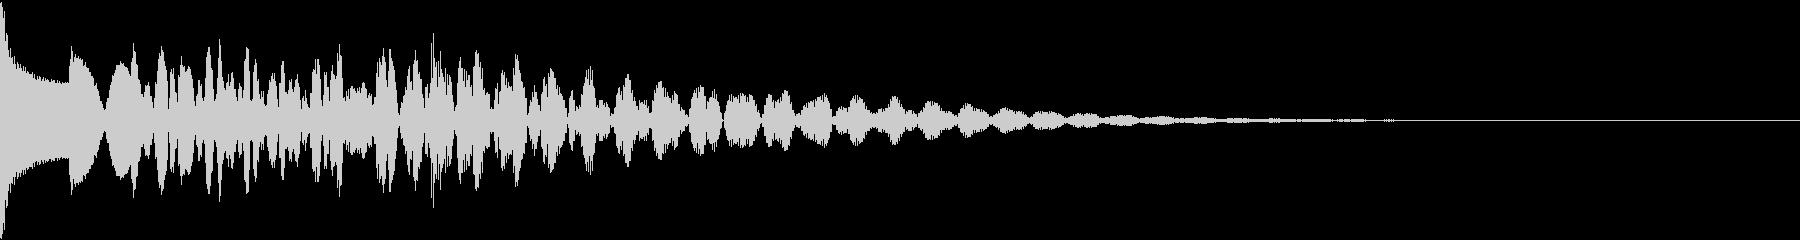 ピ↑ロロ↓(木琴スライド)高い→低いの未再生の波形